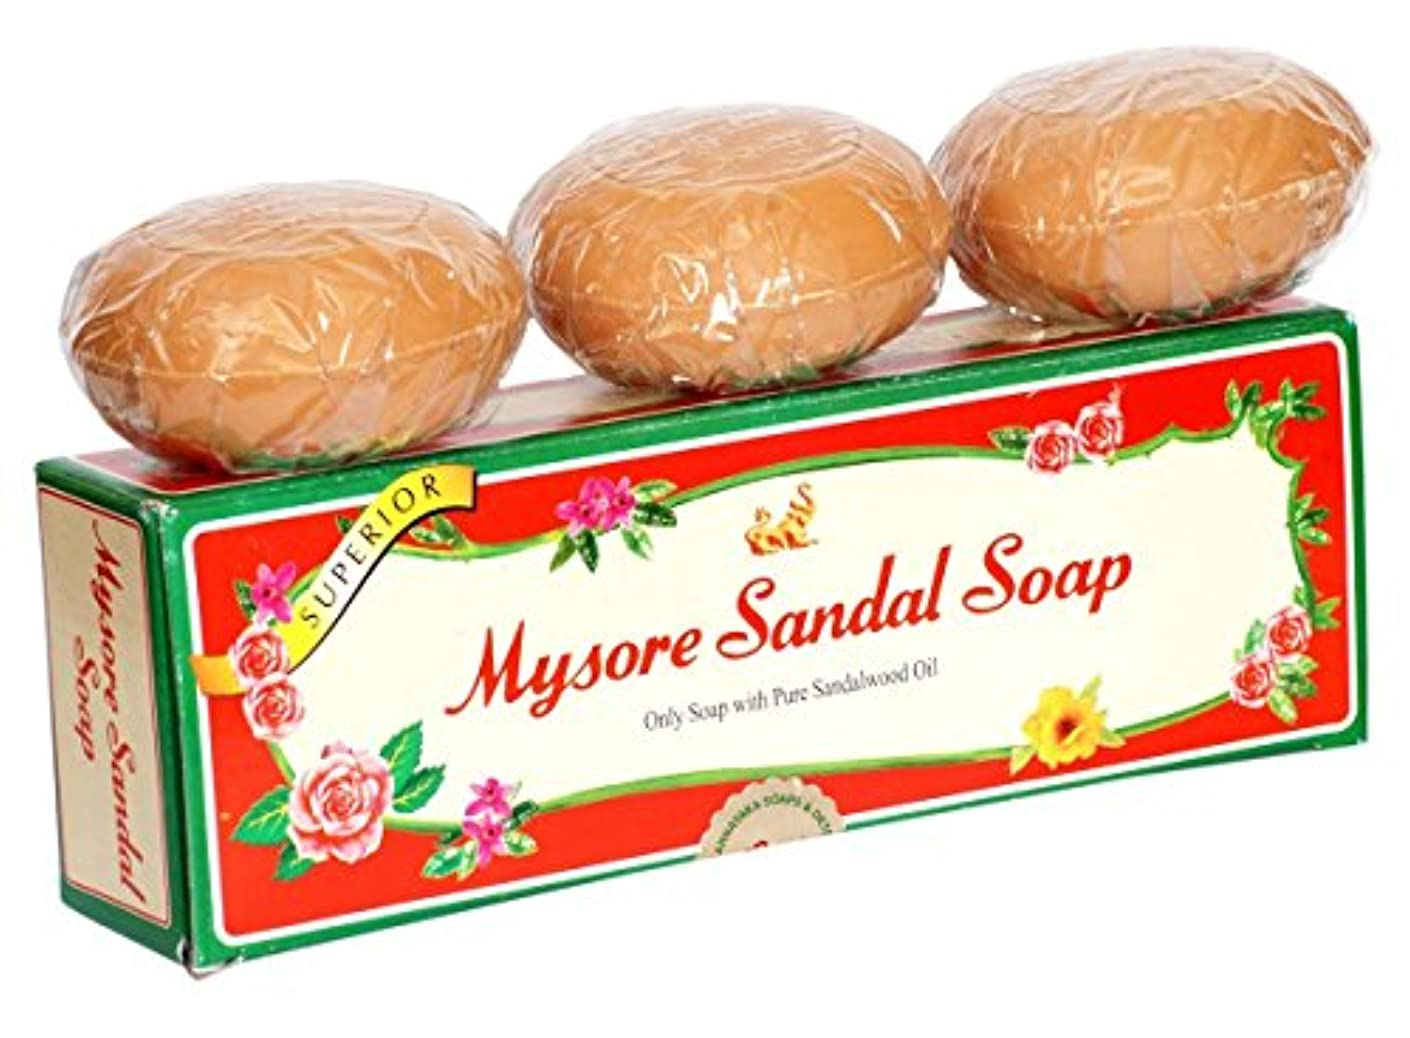 決済ビルダー防ぐMysore Pure Natural Sandalwood Oil Ayurvedic Soap - 3 x 150g bars in 1 gift pack